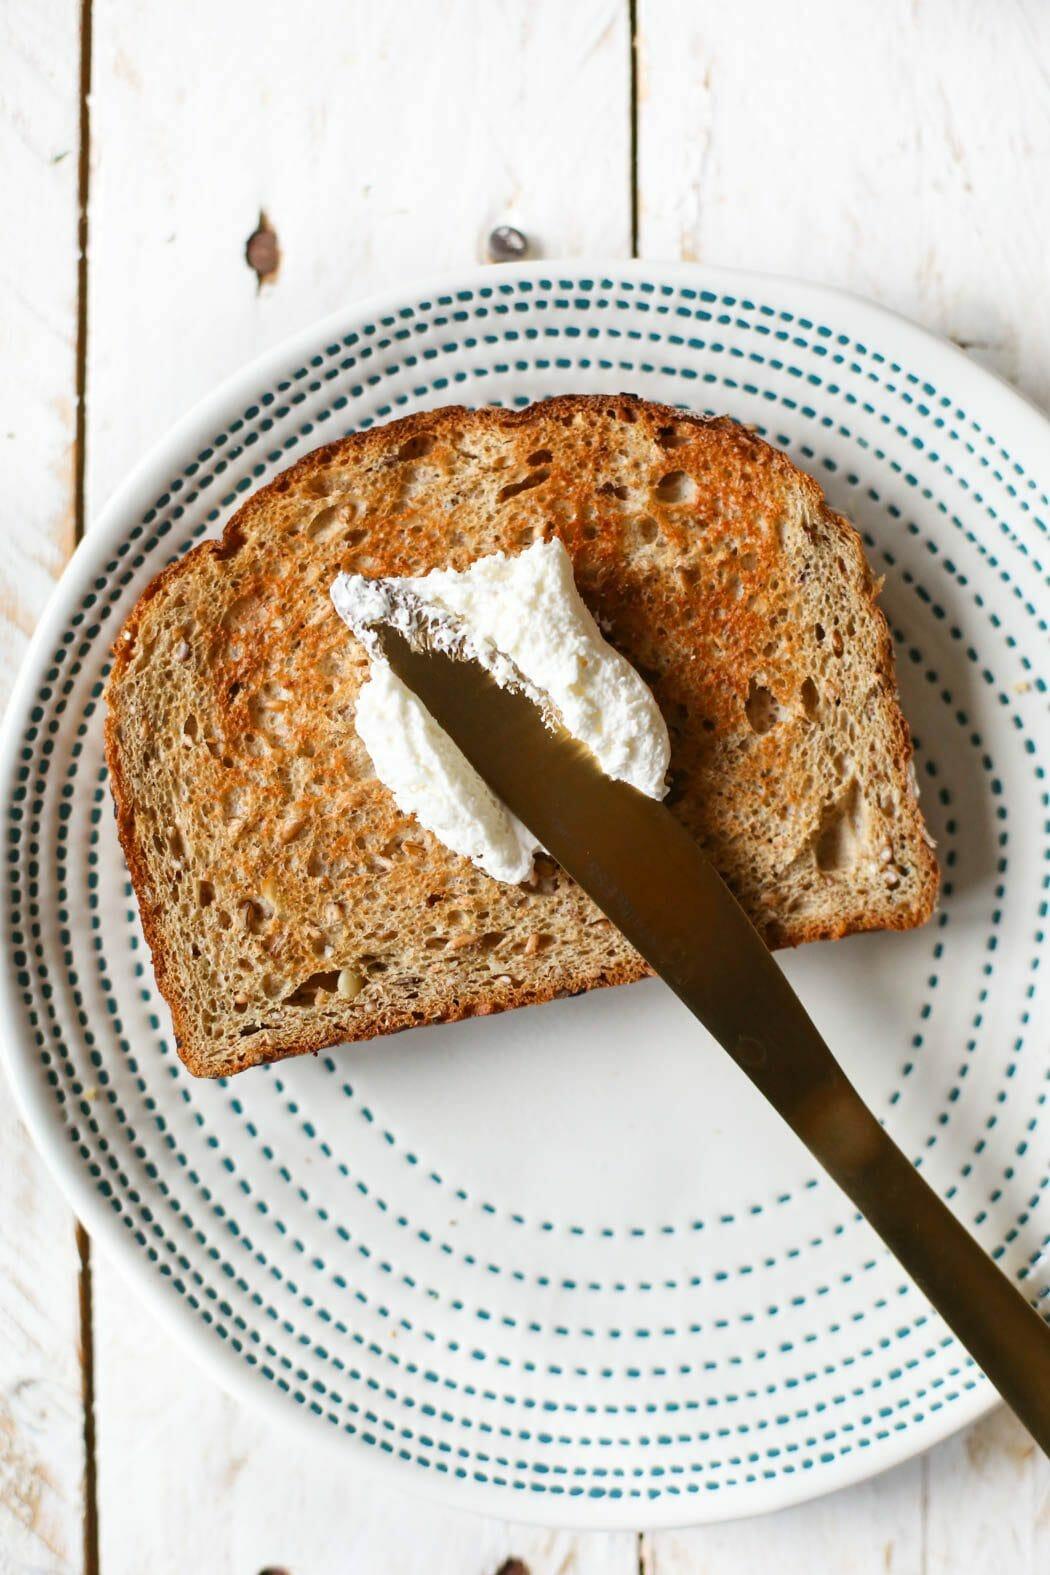 cream cheese on toast